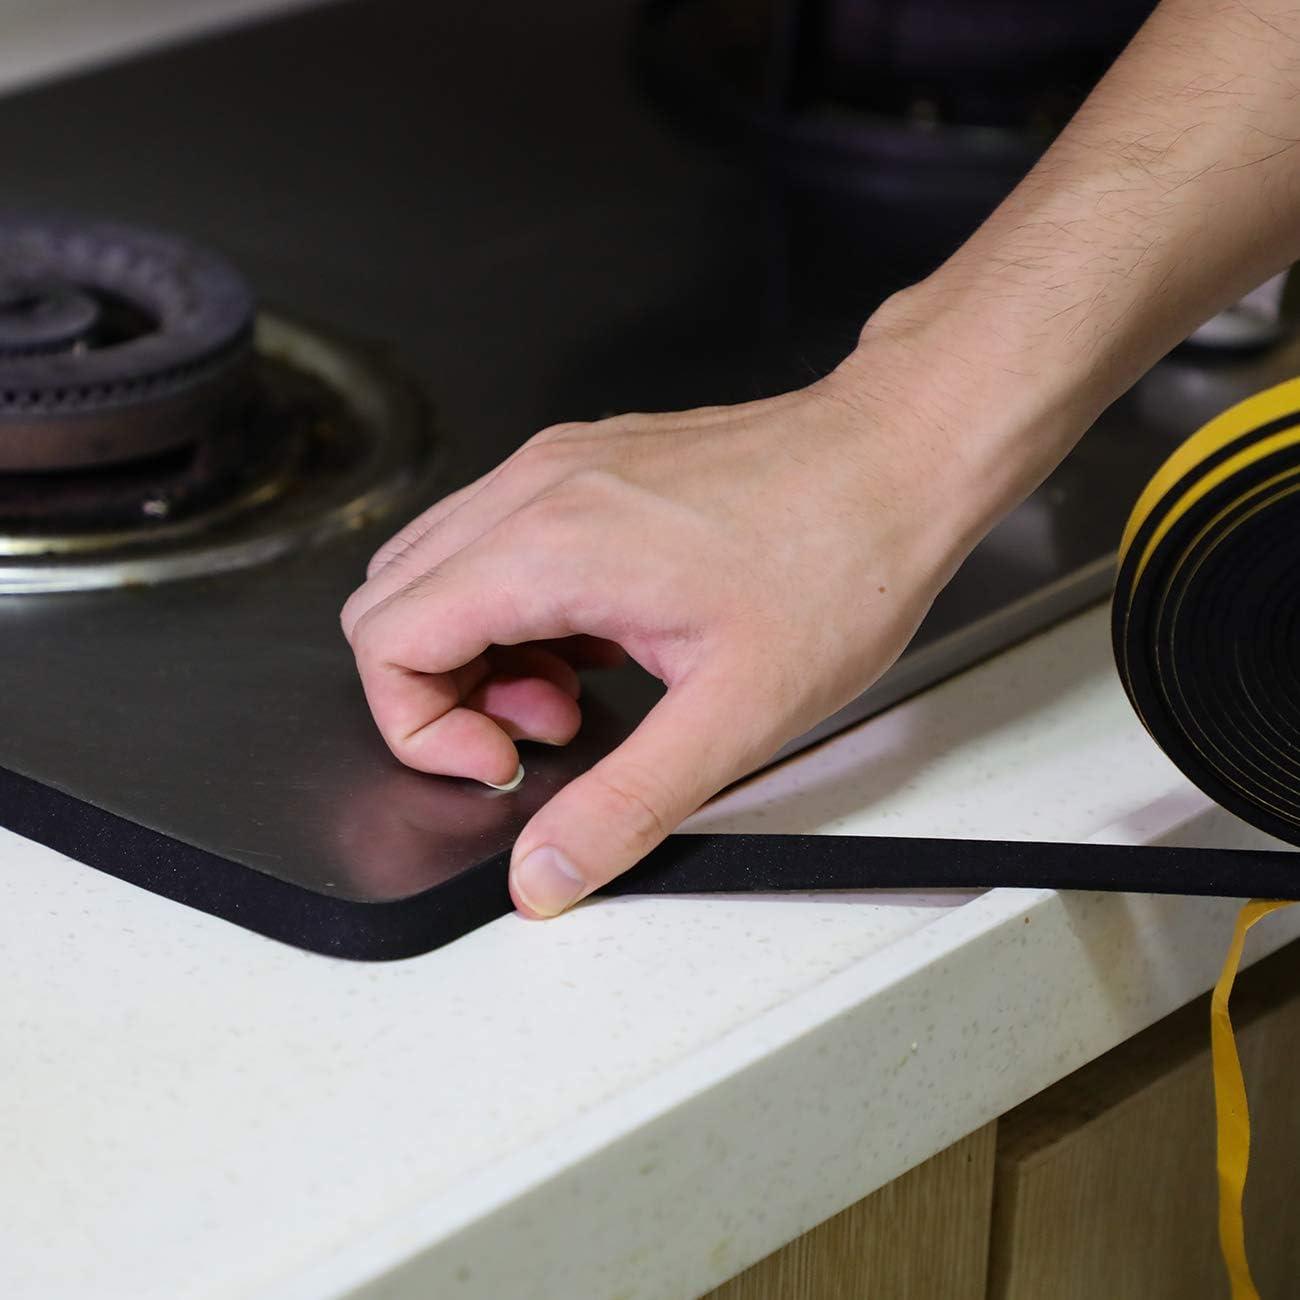 L x 1.5 mm T Cinta de aislamiento a prueba de sonido anticolisi/ón Aislamiento de puerta de celda cerrada Sellado de goma Cinta de espuma autoadhesiva x 10 m W 25 mm